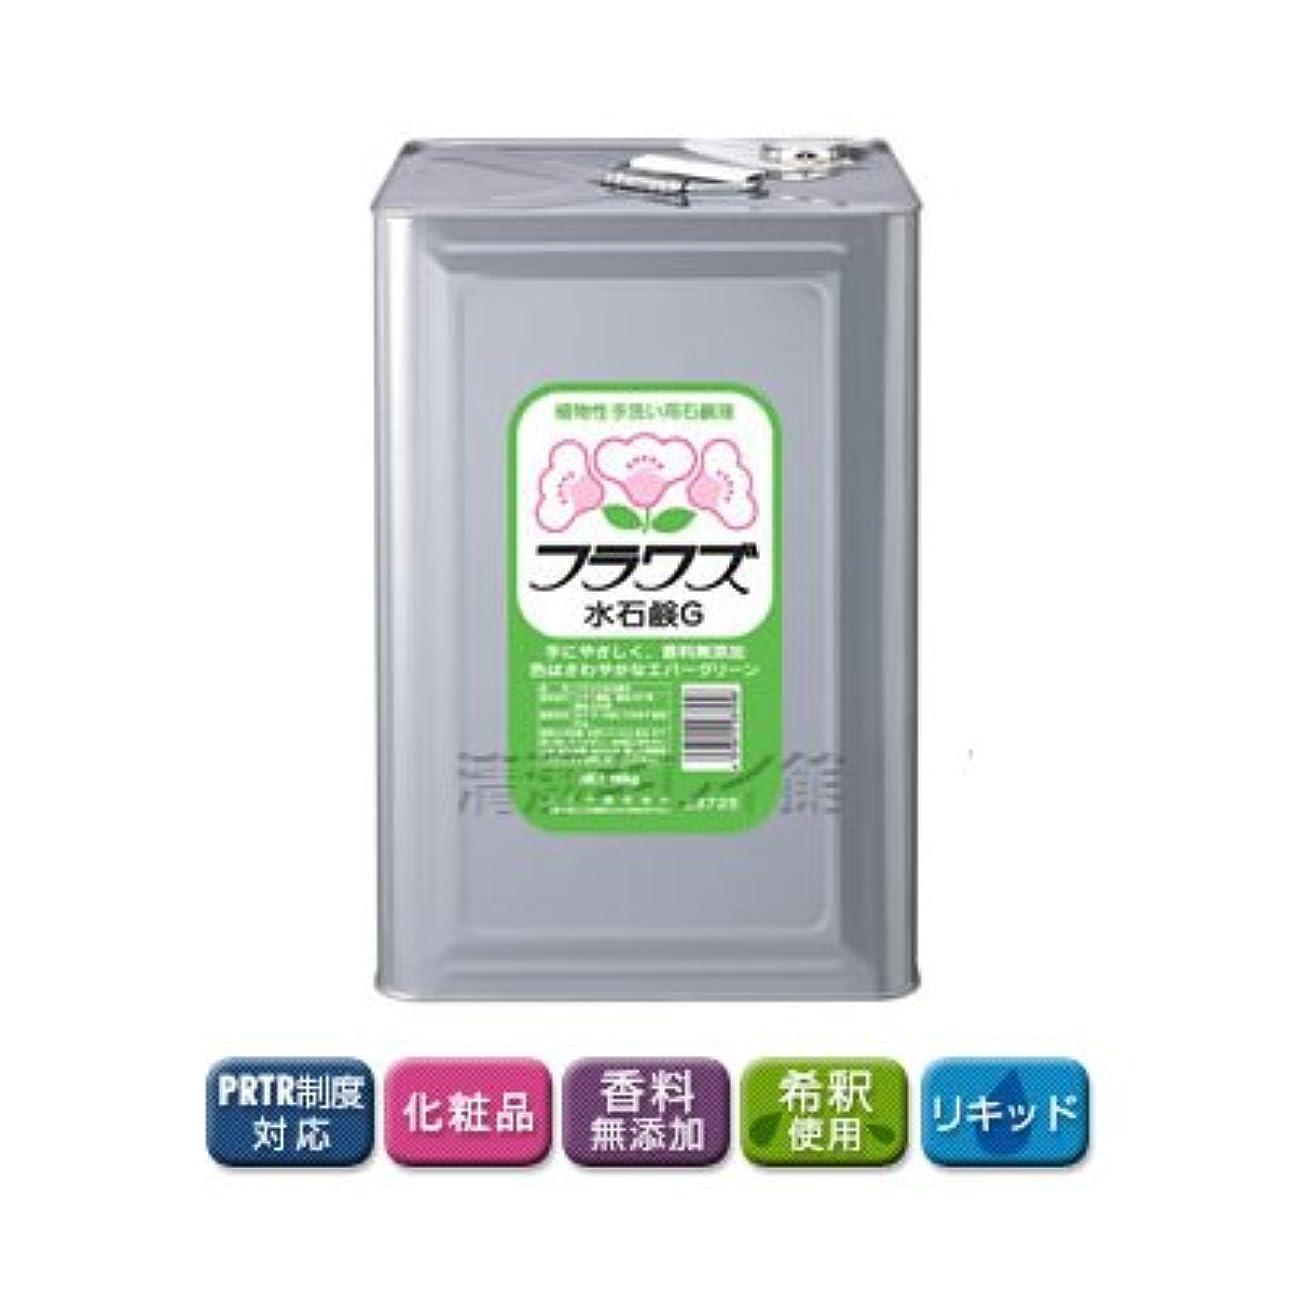 アンプ遮るペパーミント【清潔キレイ館】サラヤ フラワズ水石鹸液G(18L)